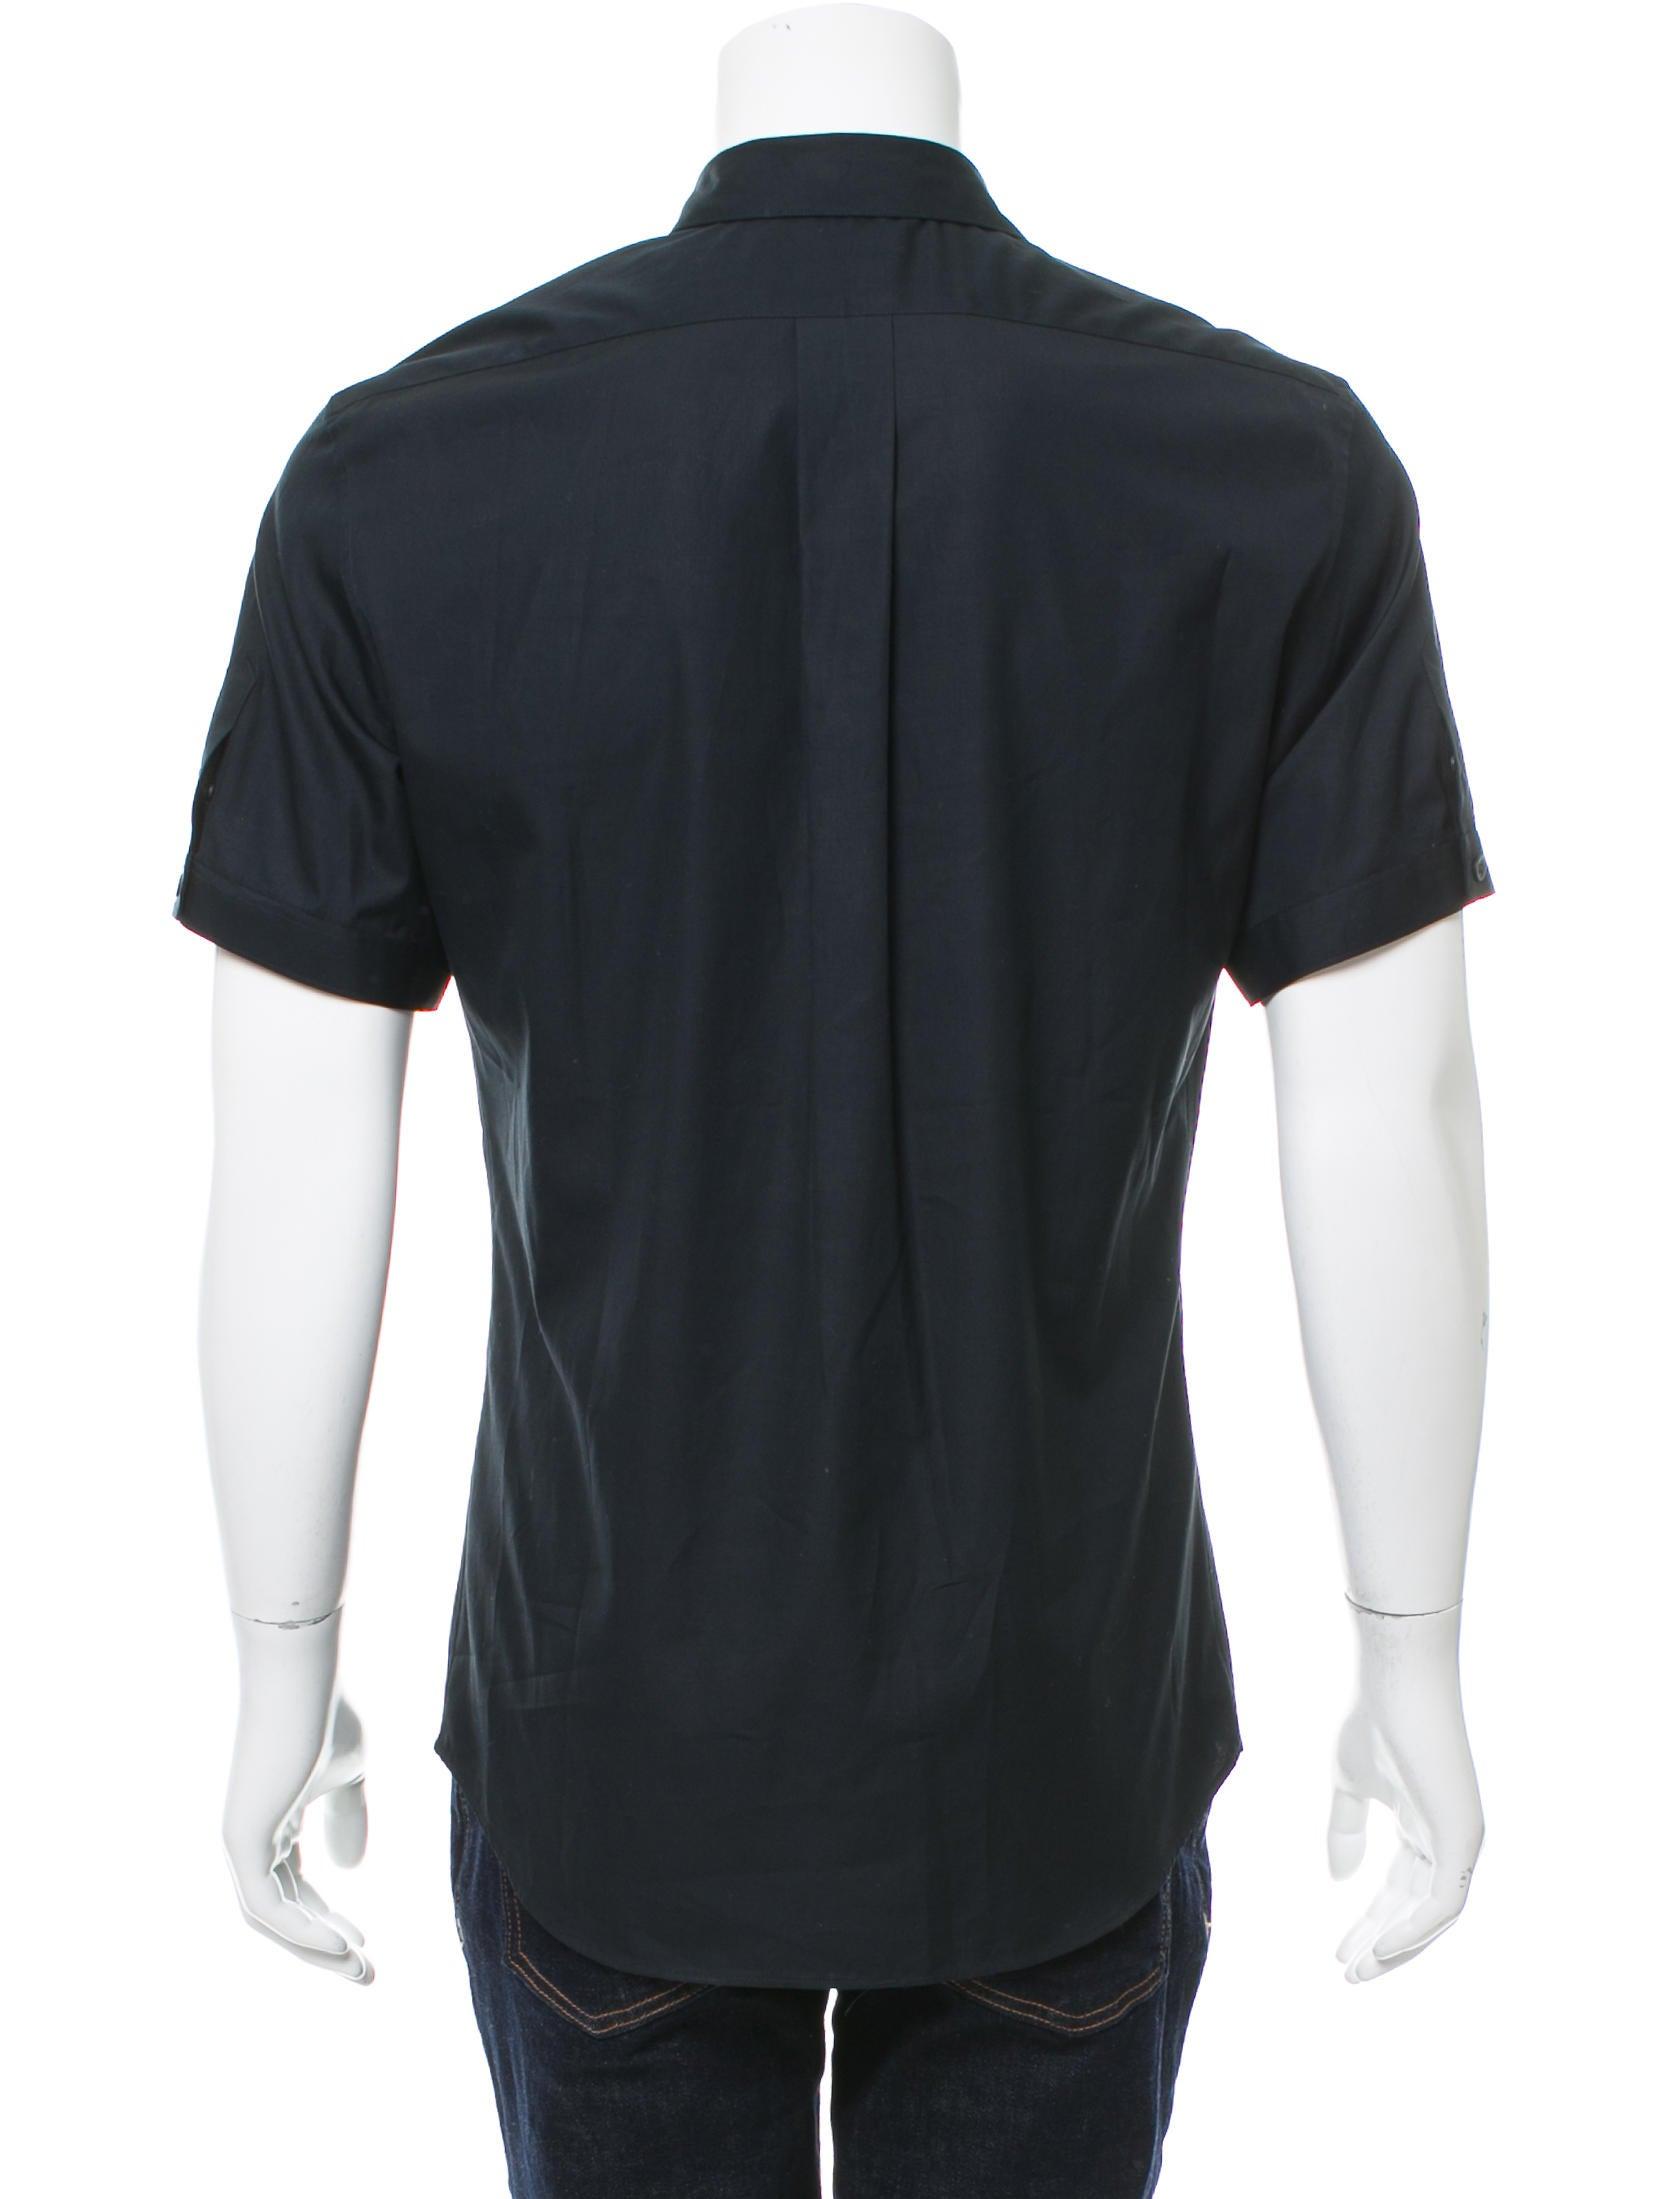 Alexander Mcqueen Short Sleeve Button Up Shirt Clothing